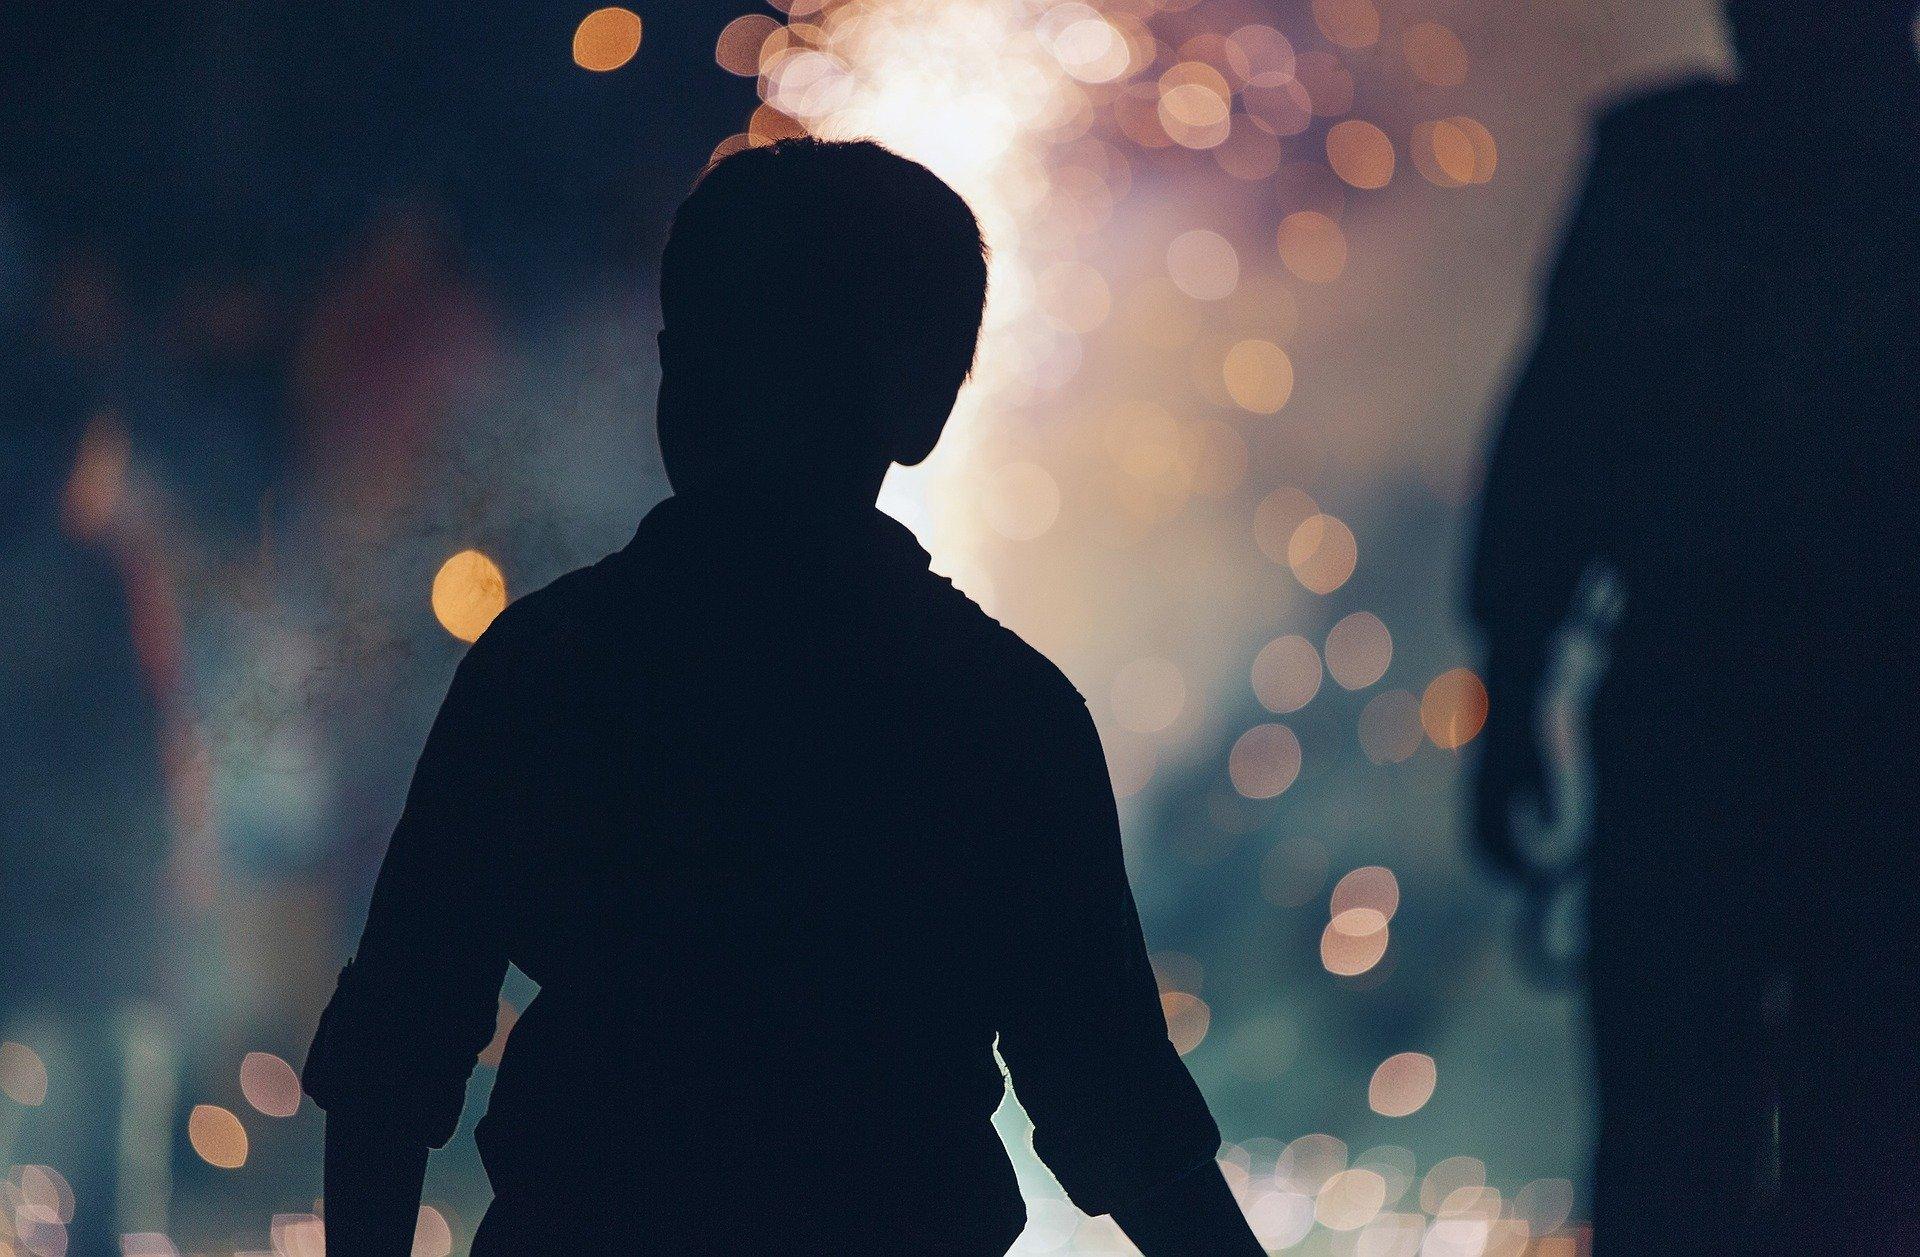 ombra di un bambino di spalle e davanti le luci dei fuochi d'artificio